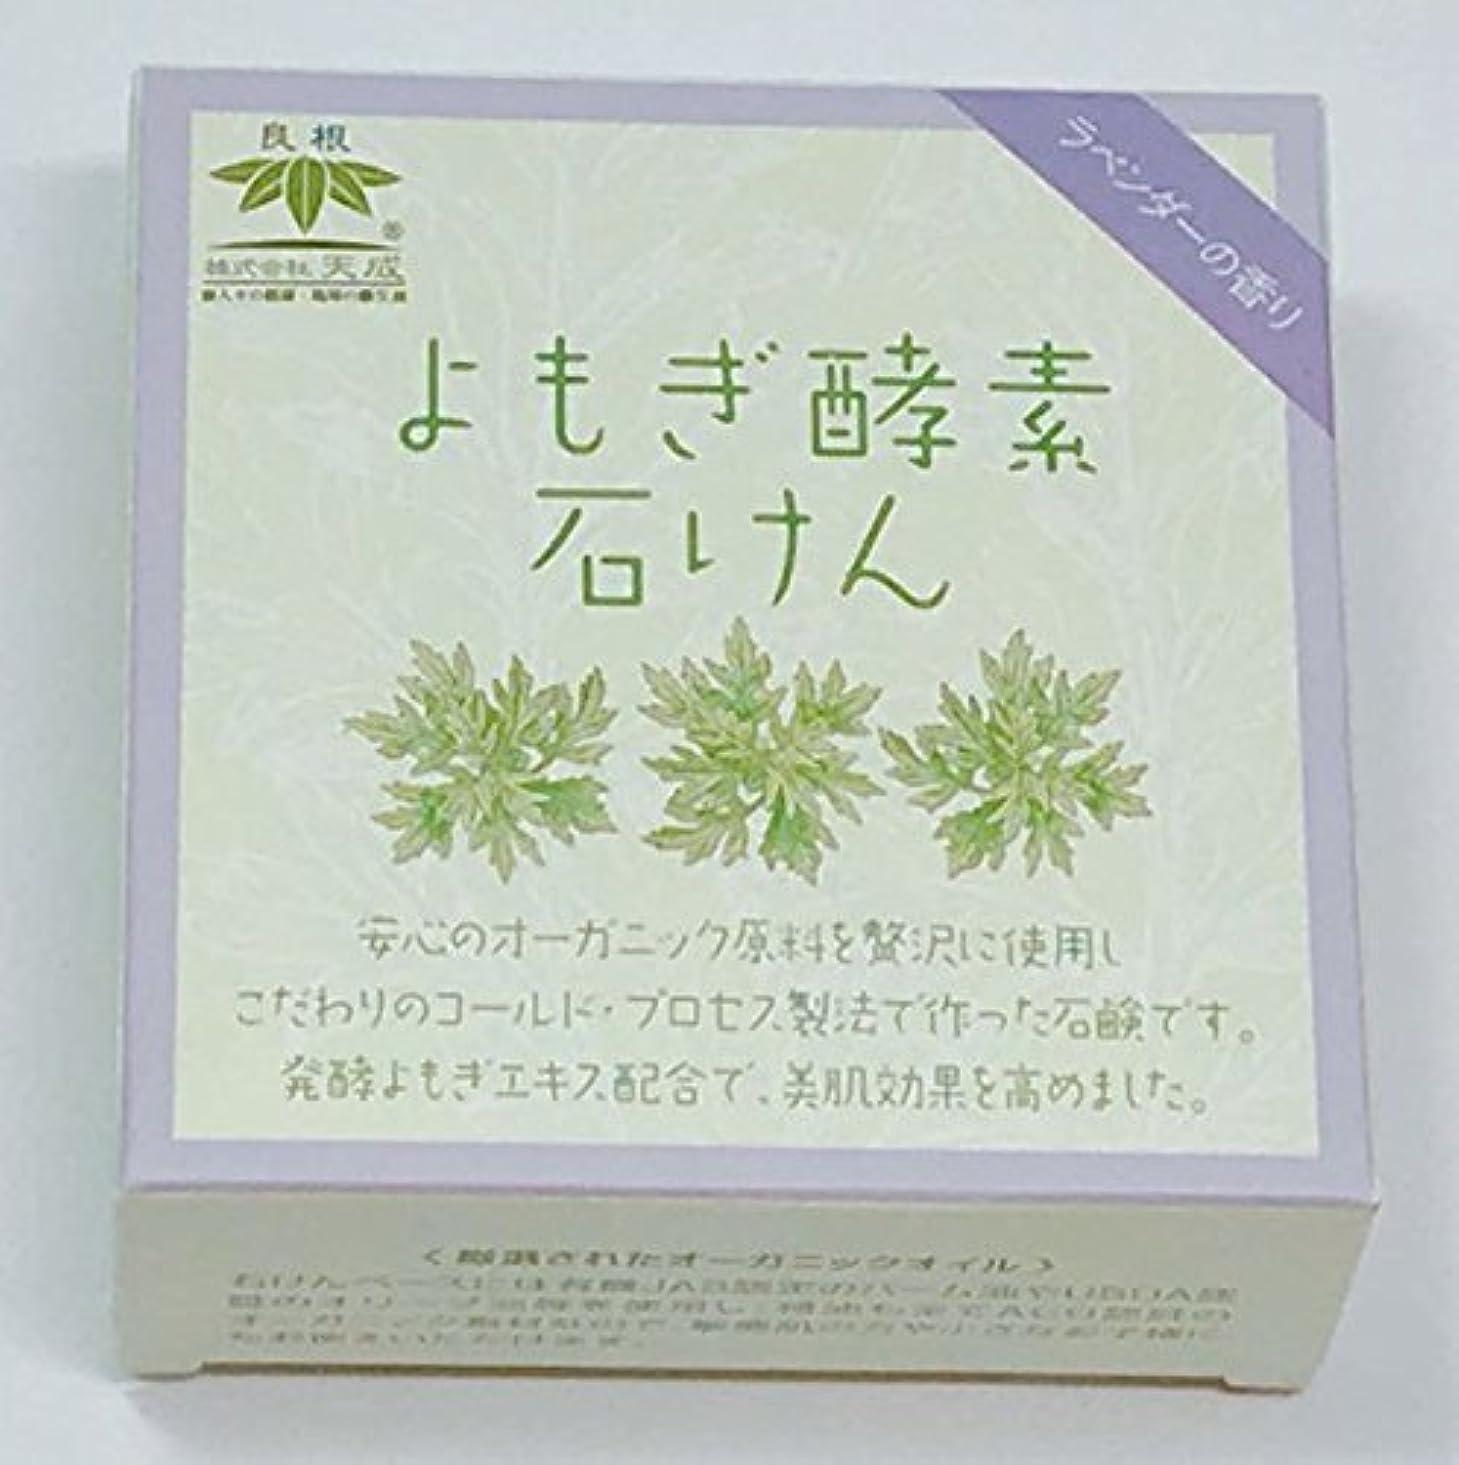 有益なモルヒネ完璧なよもぎ酵素石けん(ラベンダーの香り)